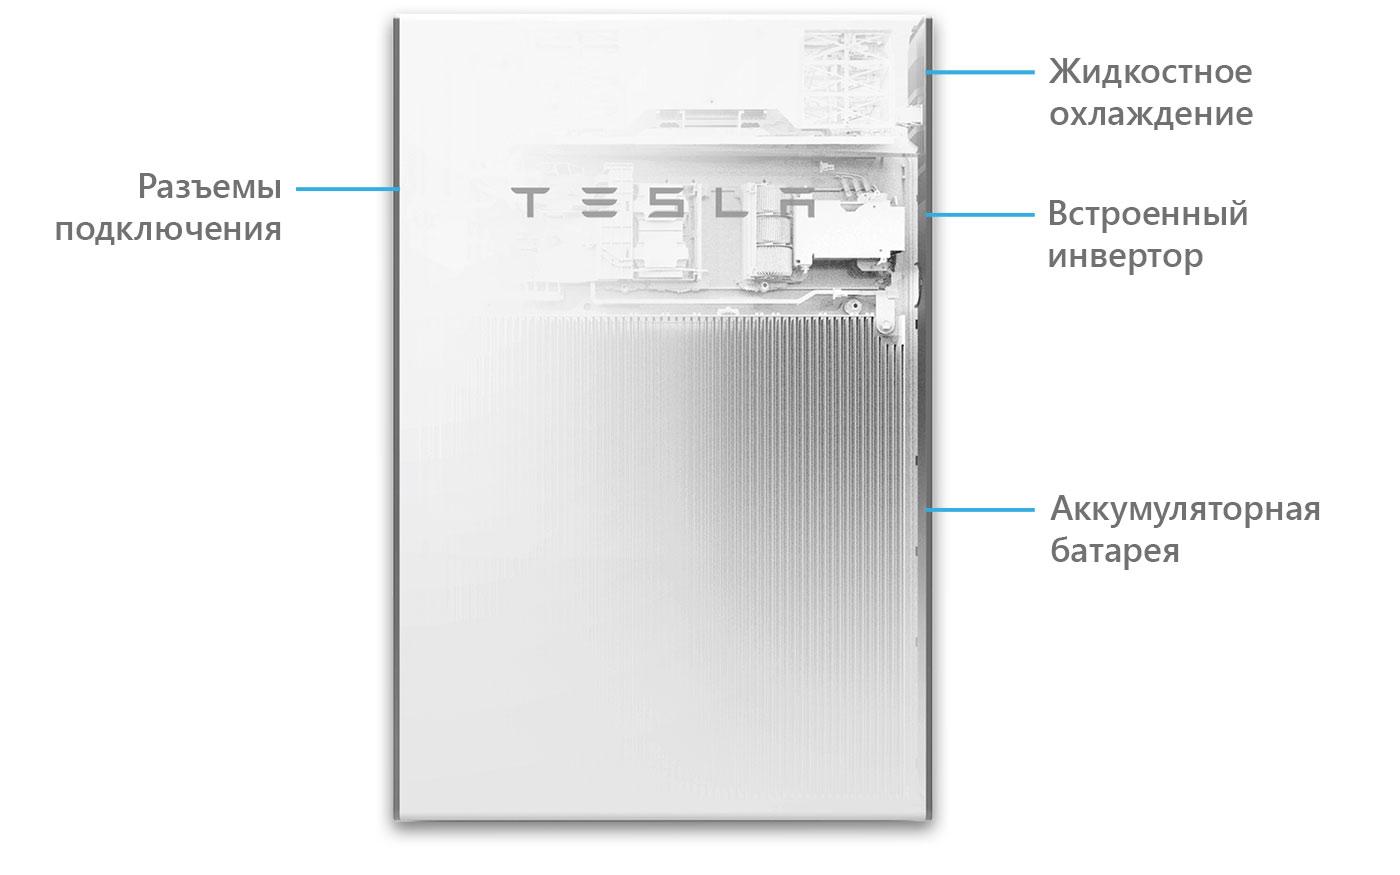 Устройство Tesla Powerwall 2